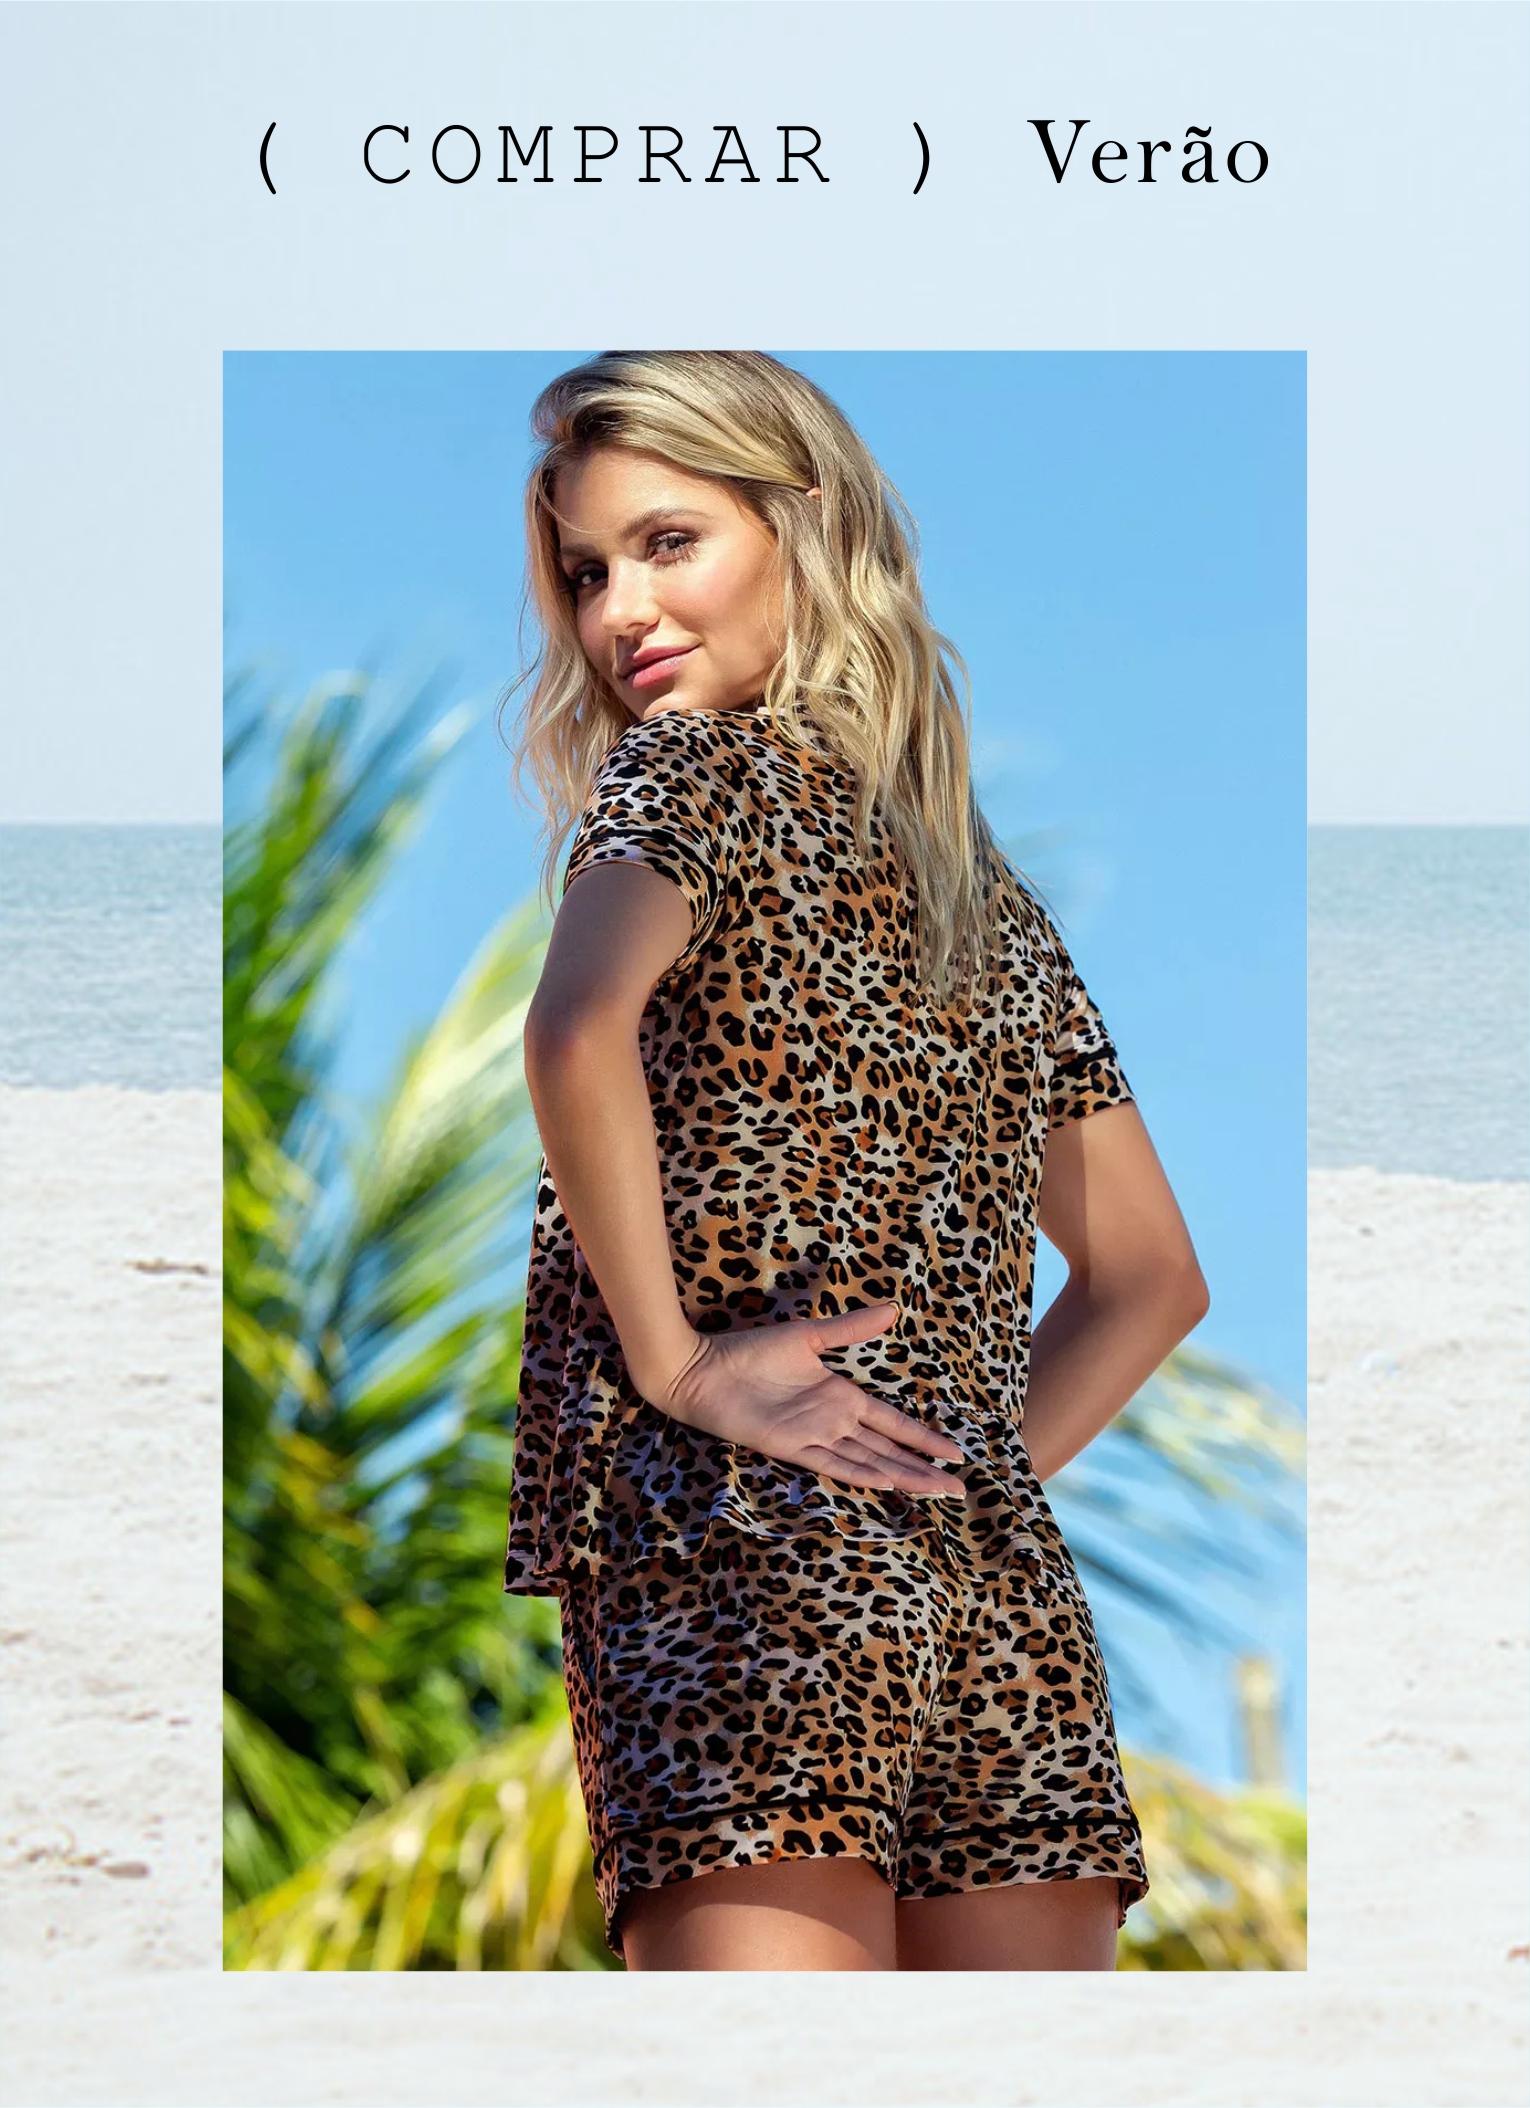 Comprar Pijamas Outlet Verão